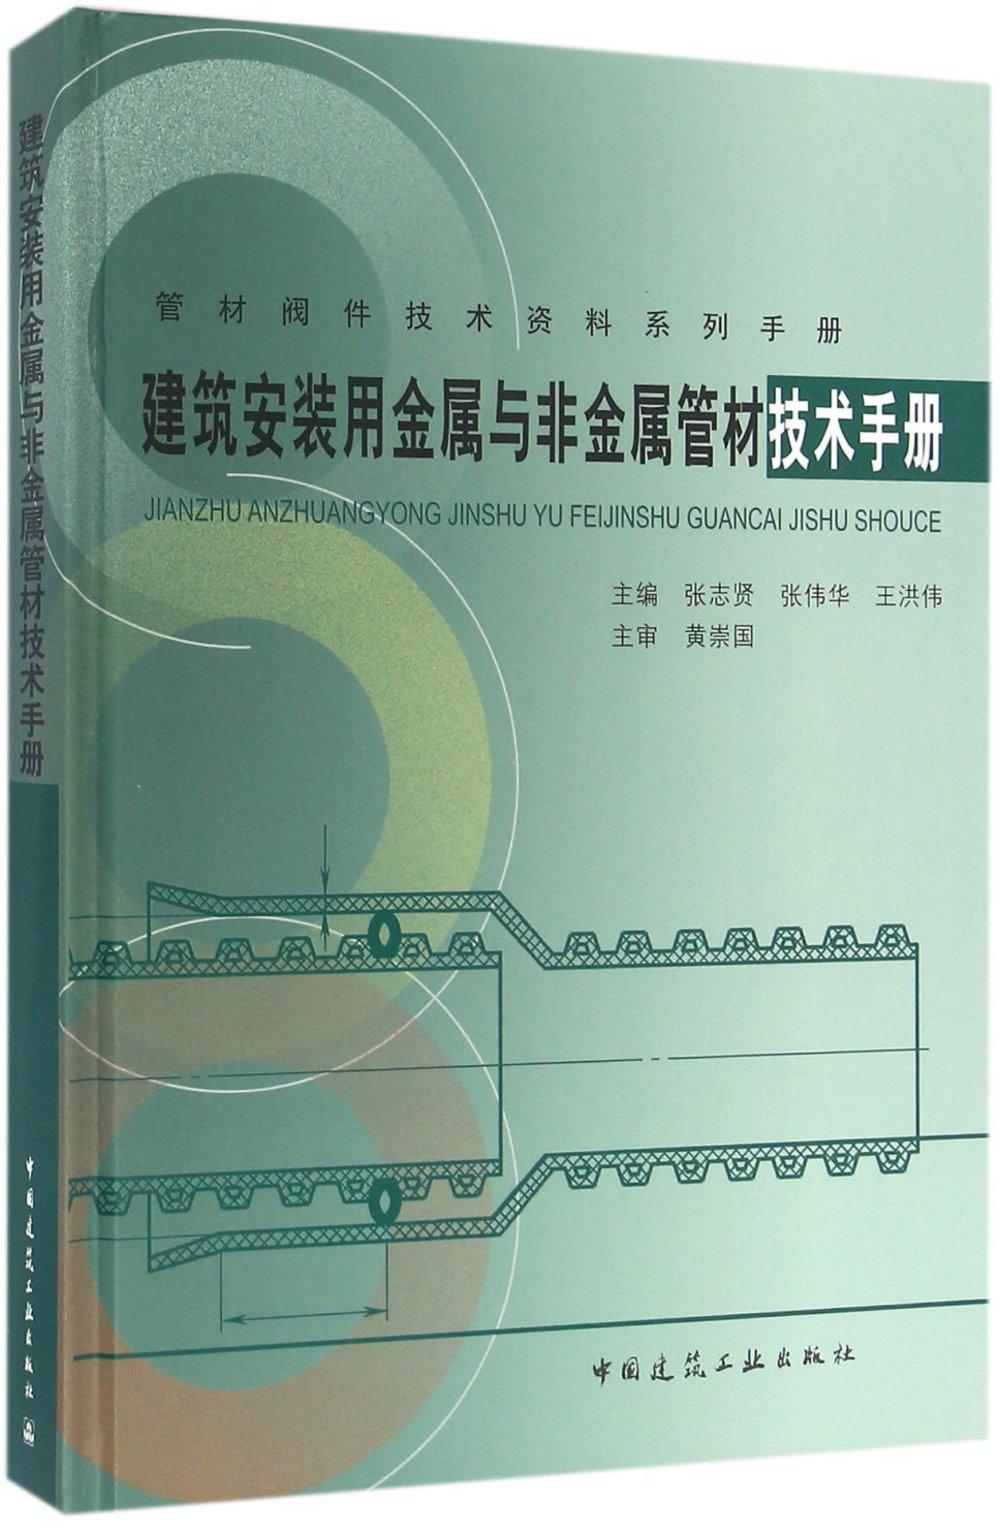 建築安裝用金屬與非金屬管材技術手冊